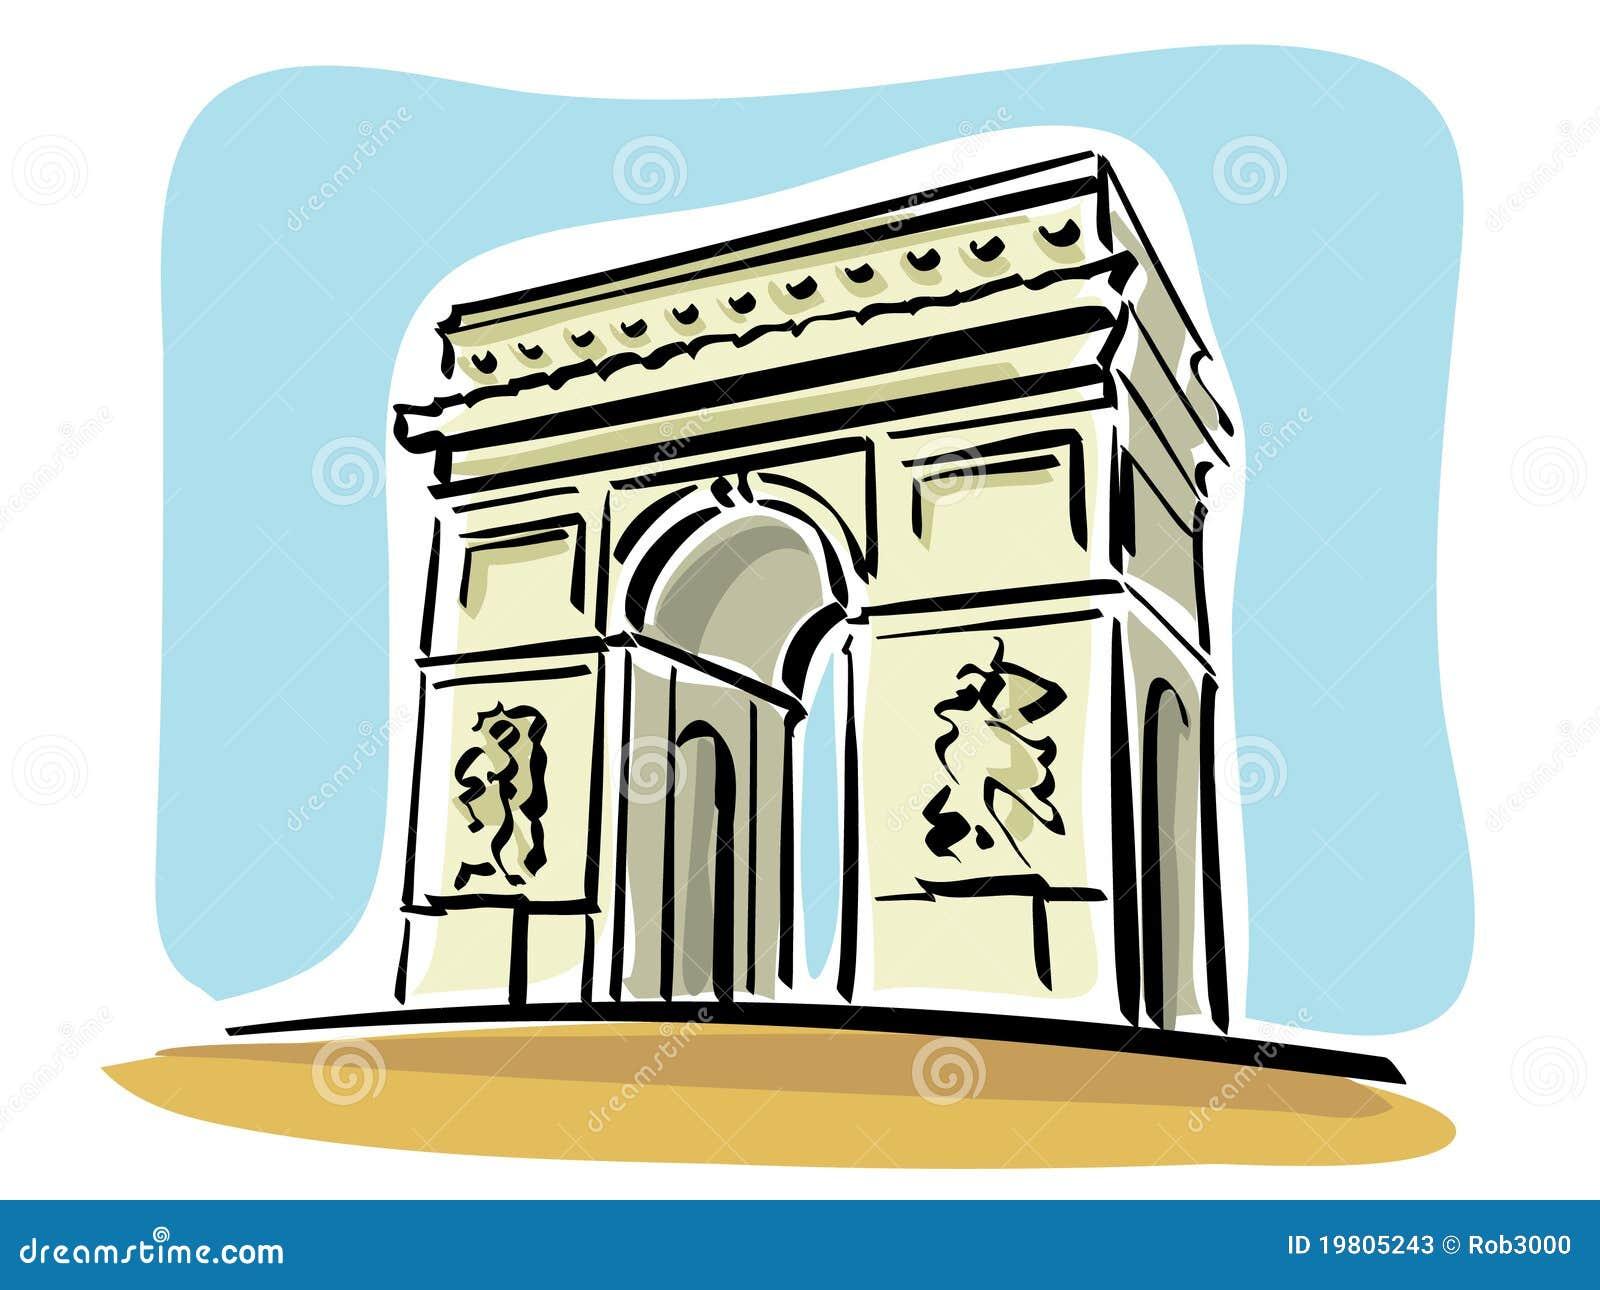 arc de triomphe paris stock illustrations – 168 arc de triomphe